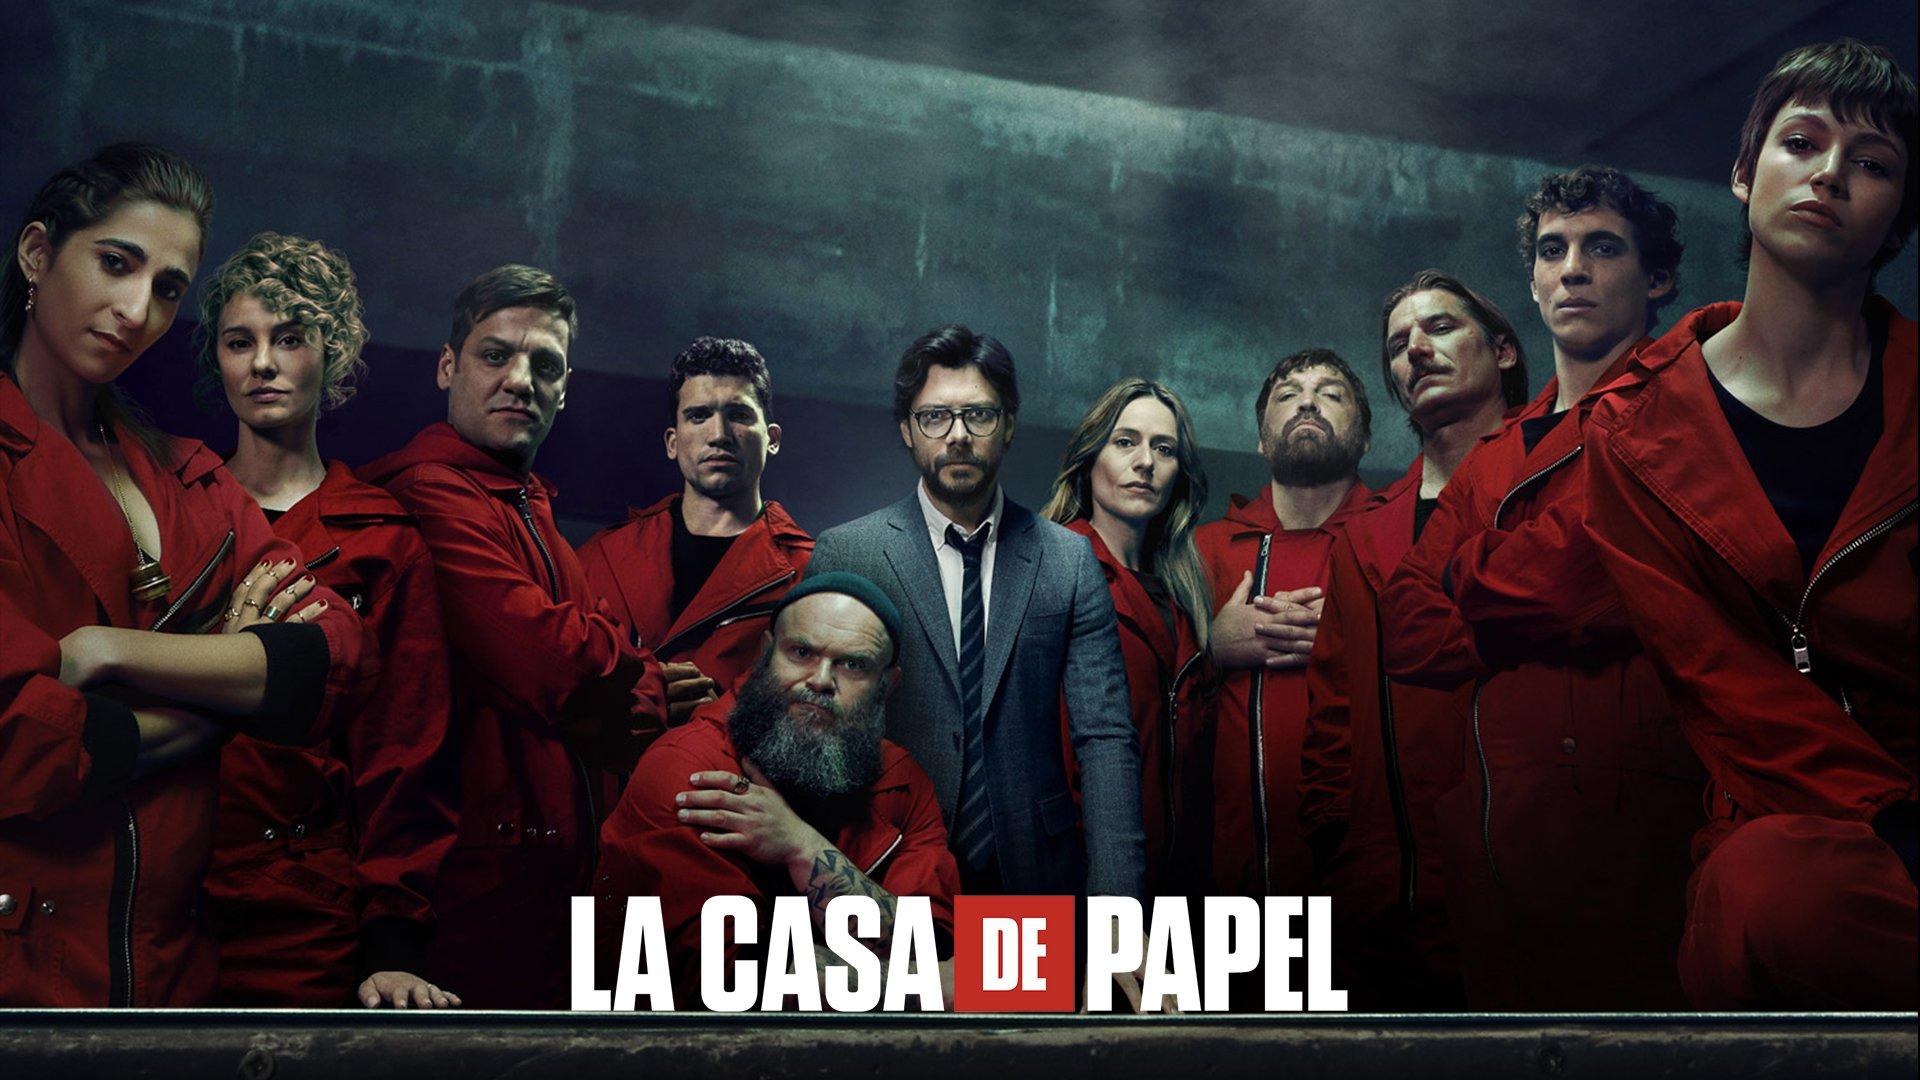 أفضل المسلسلات الأجنبية - مسلسل La Casa De Papel